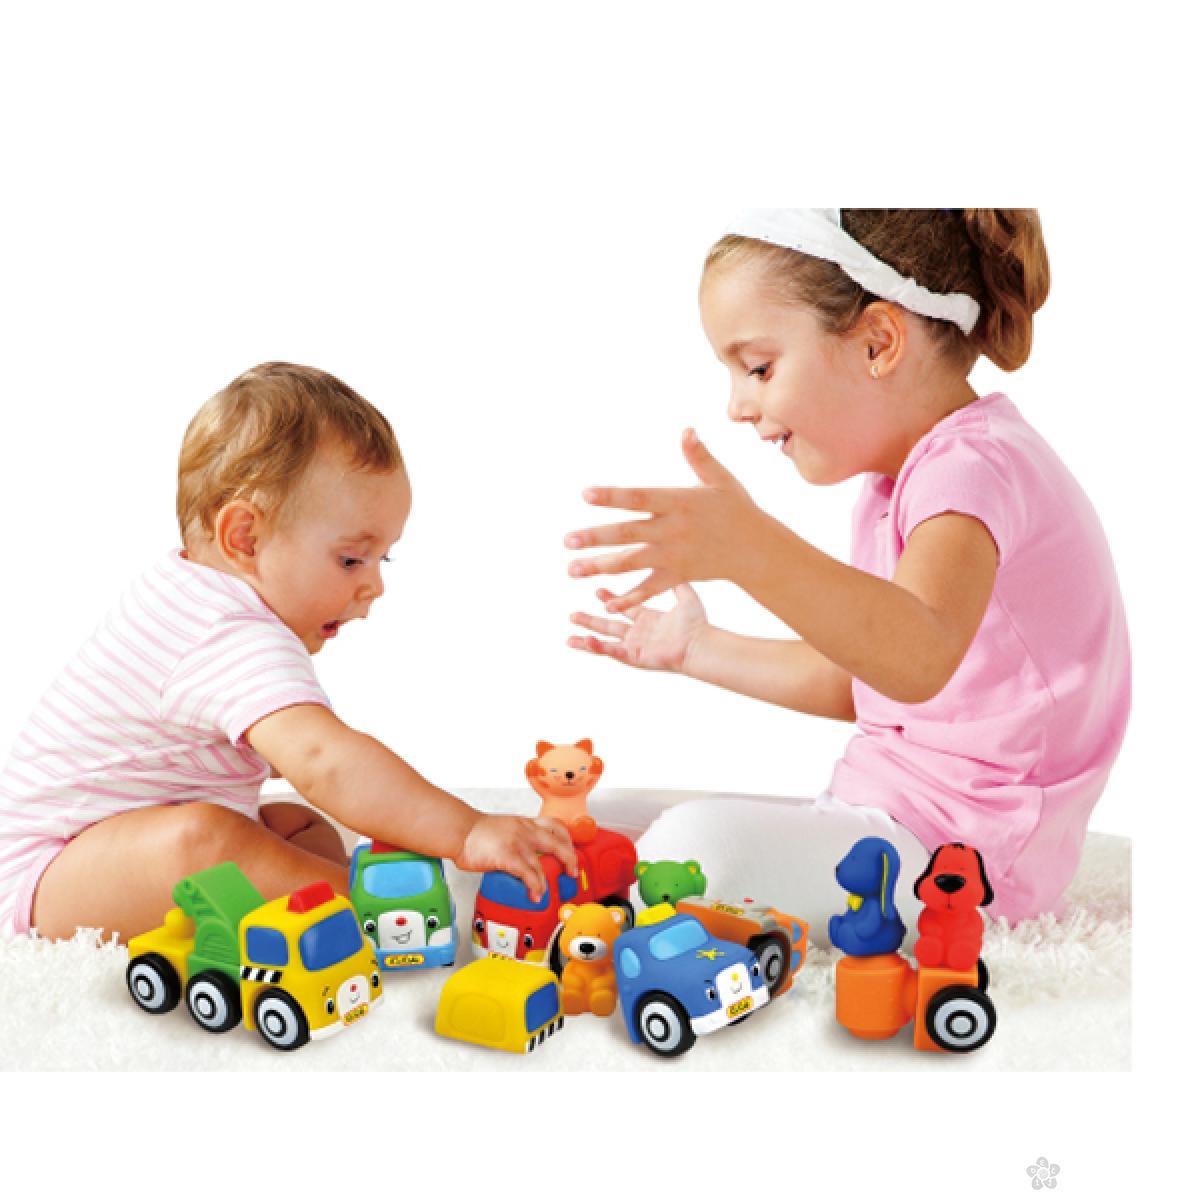 Popbo vozilo-Bobijev gradski kamion Ks Kids, KA10646-GB